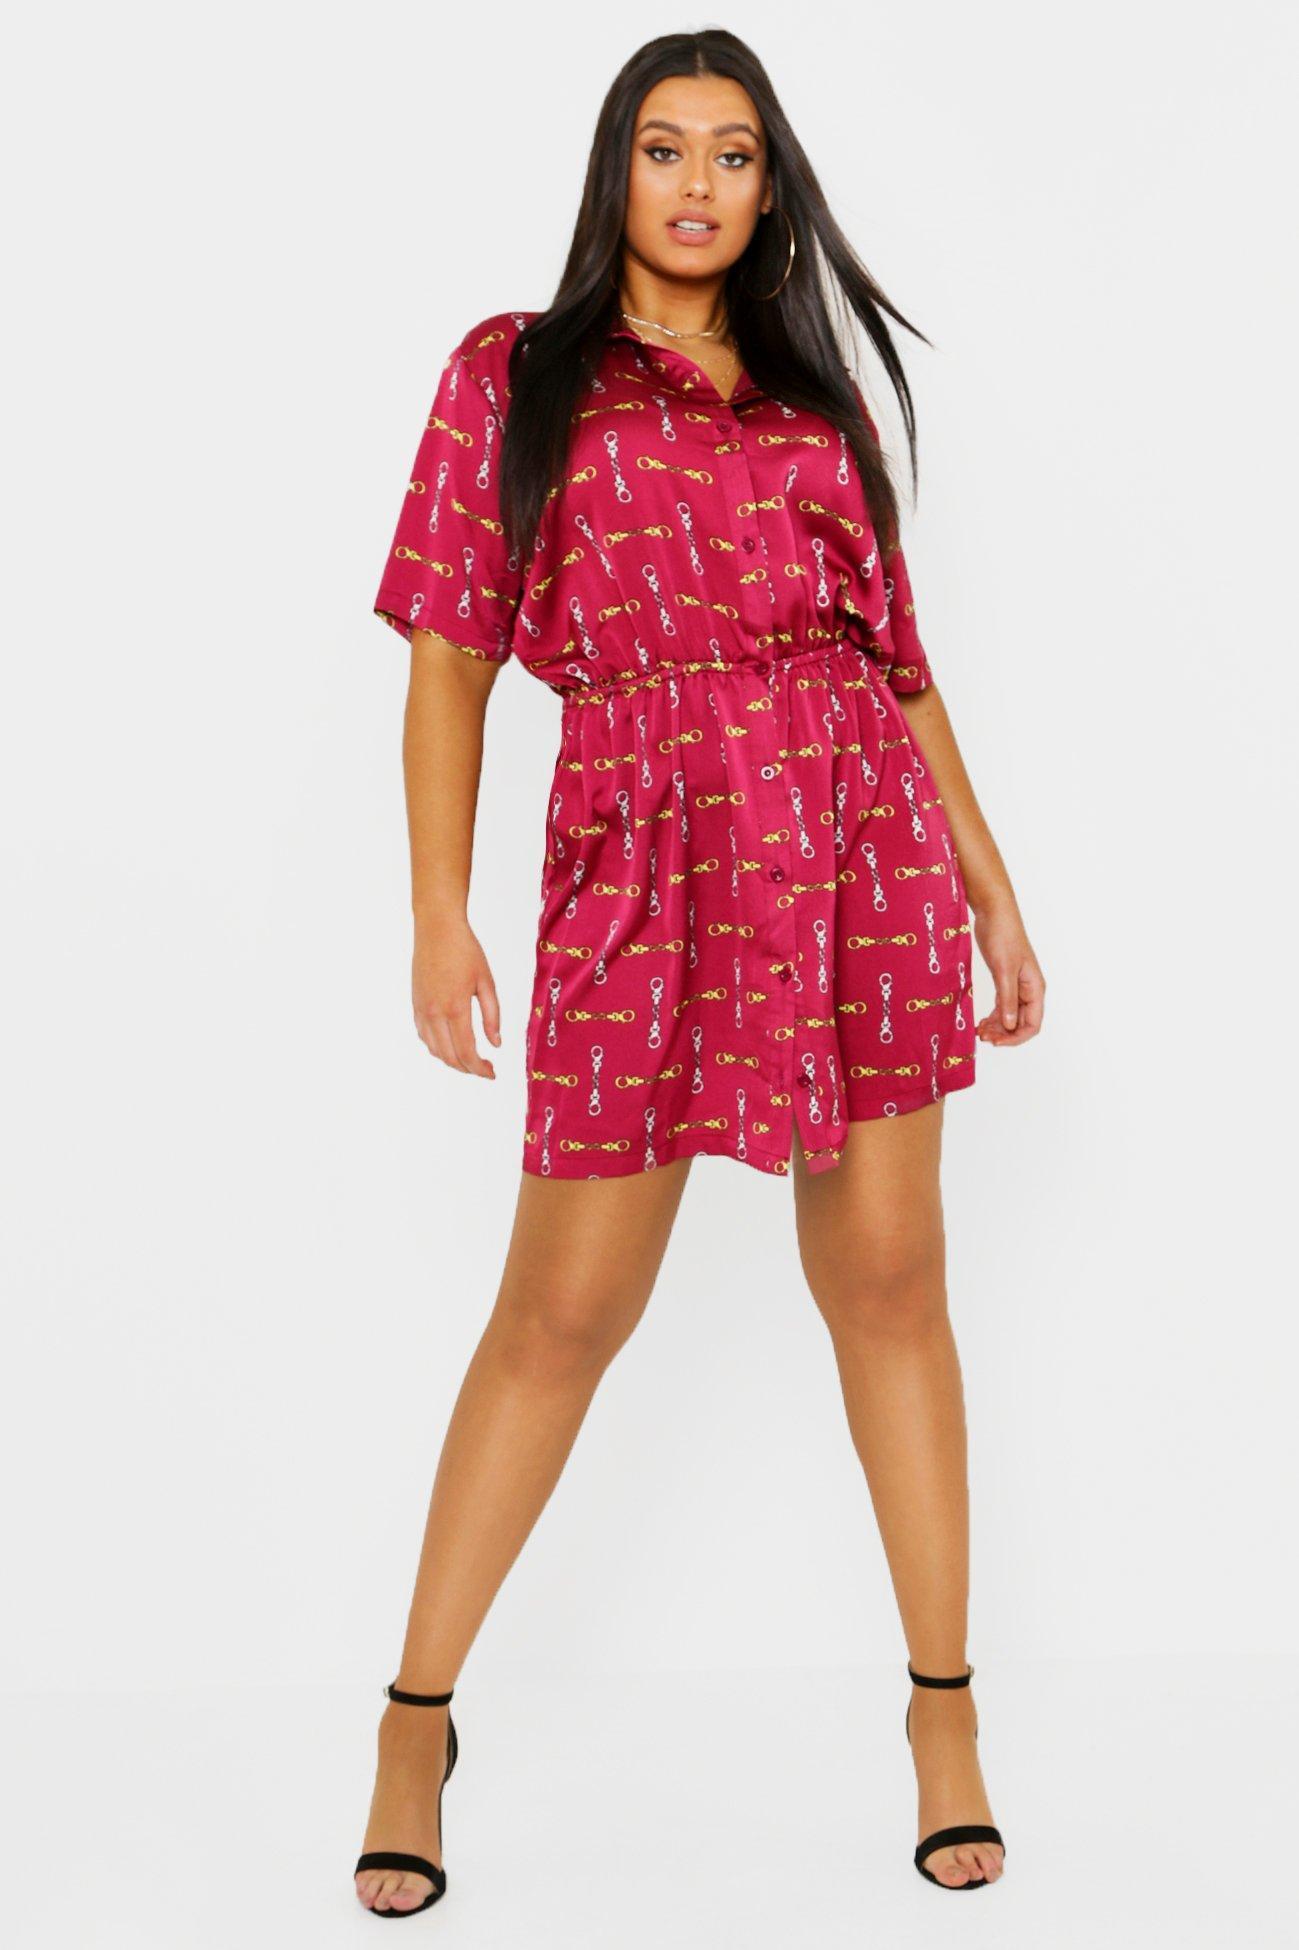 Plus Satin Chain Print Short Sleeve Shirt Dress